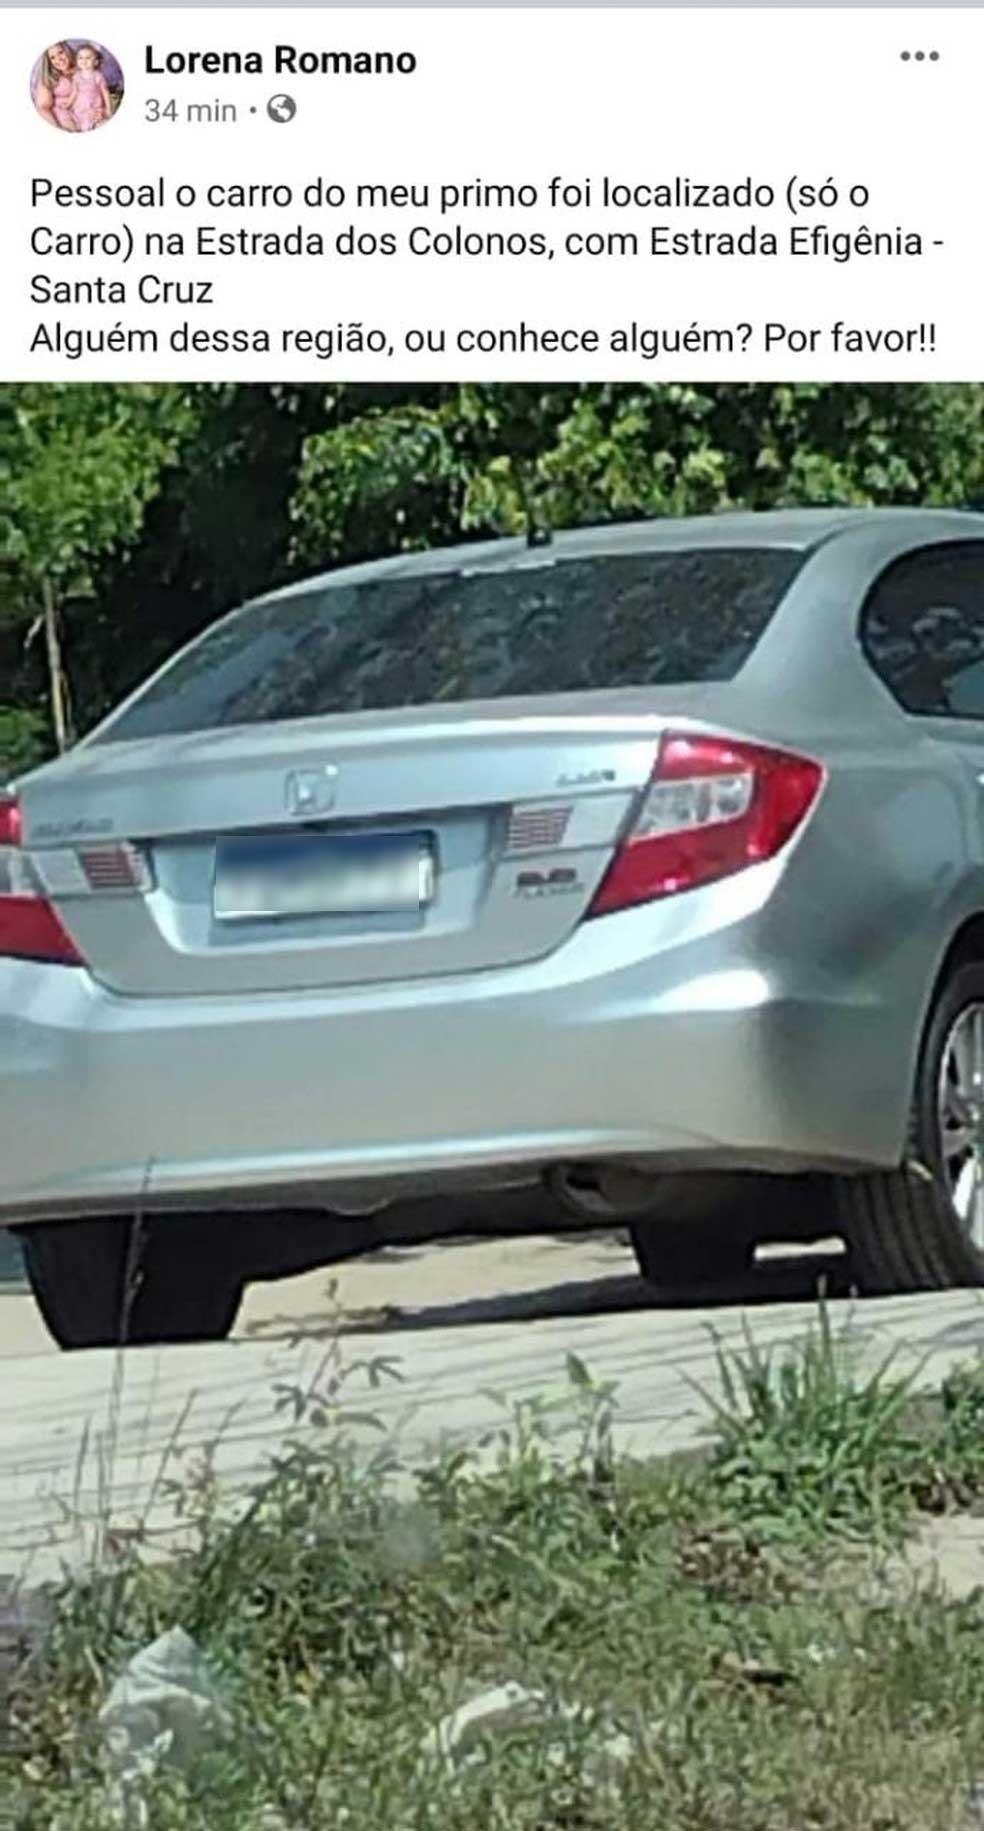 Prima do jovem contou que carro de Alberto foi encontrado em Santa Cruz neste domingo (26) — Foto: Reprodução